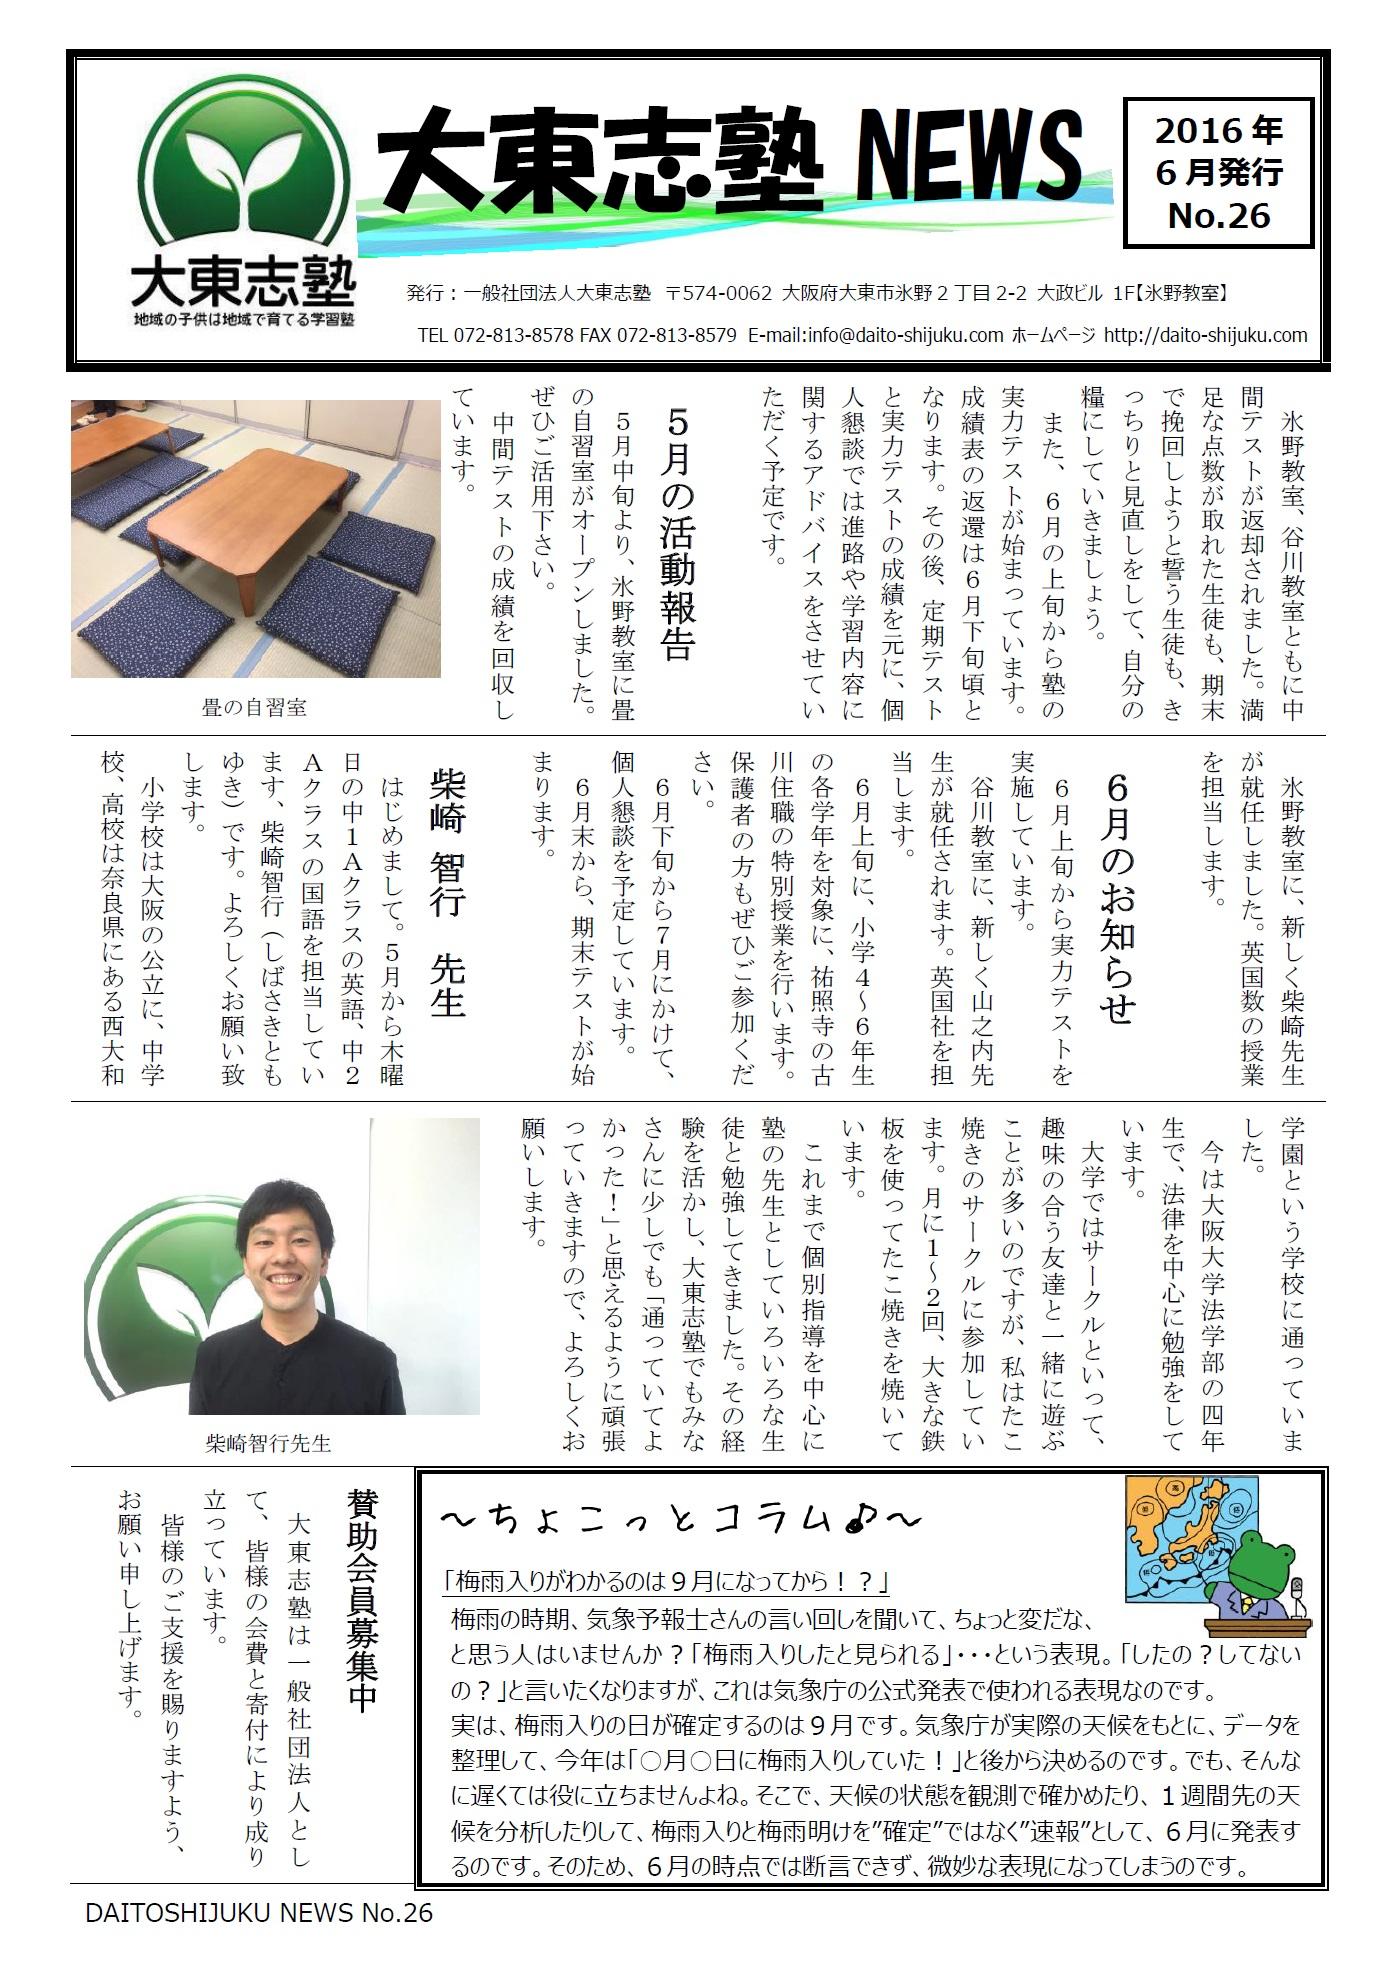 大東志塾NEWS No.26 (2016年6月)